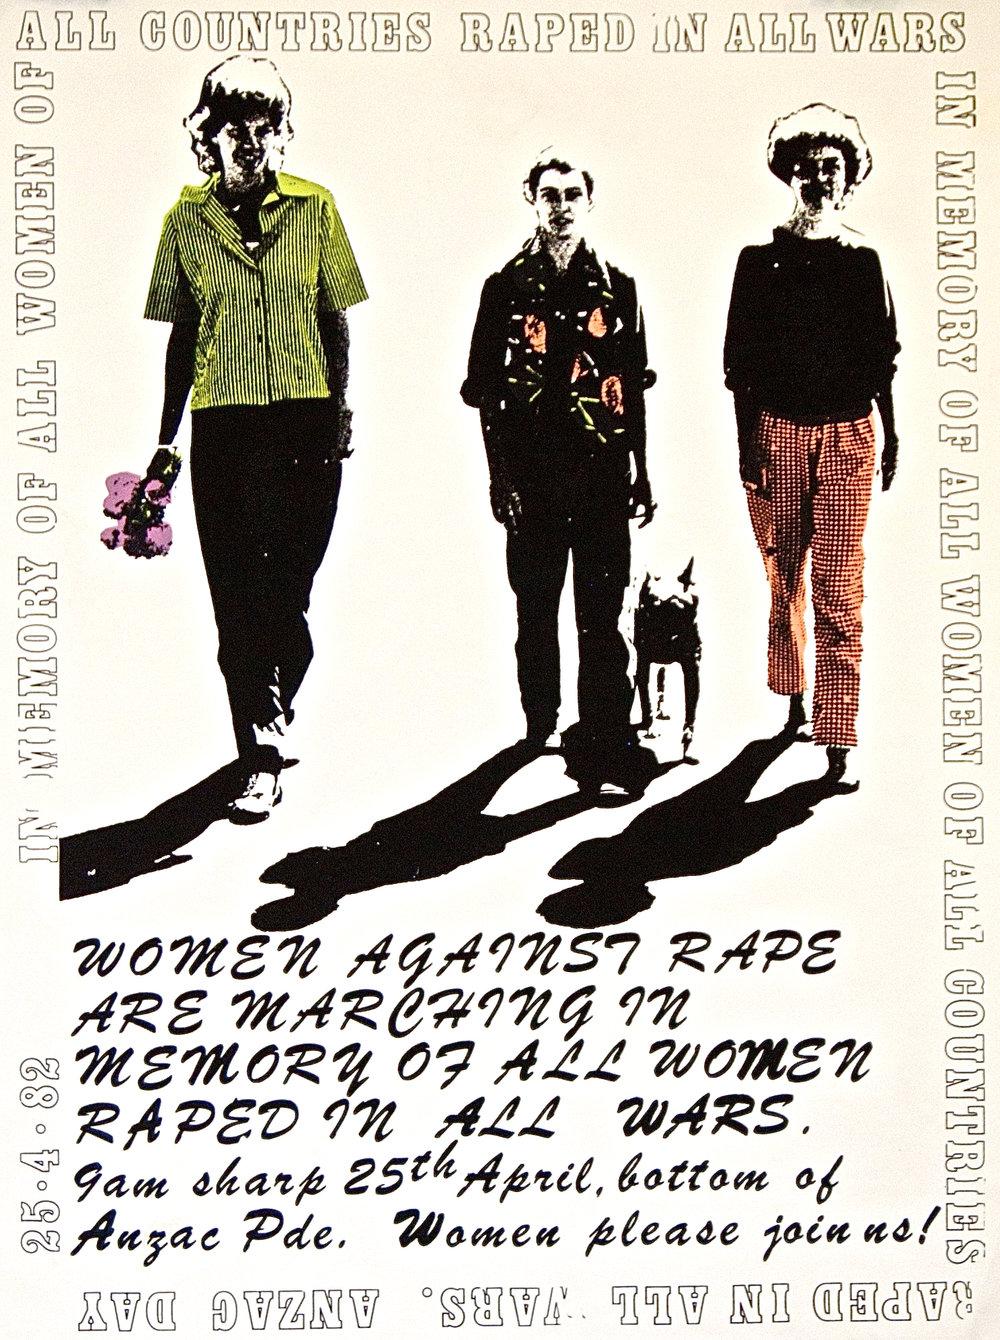 Alder_women against rape_1982.jpg